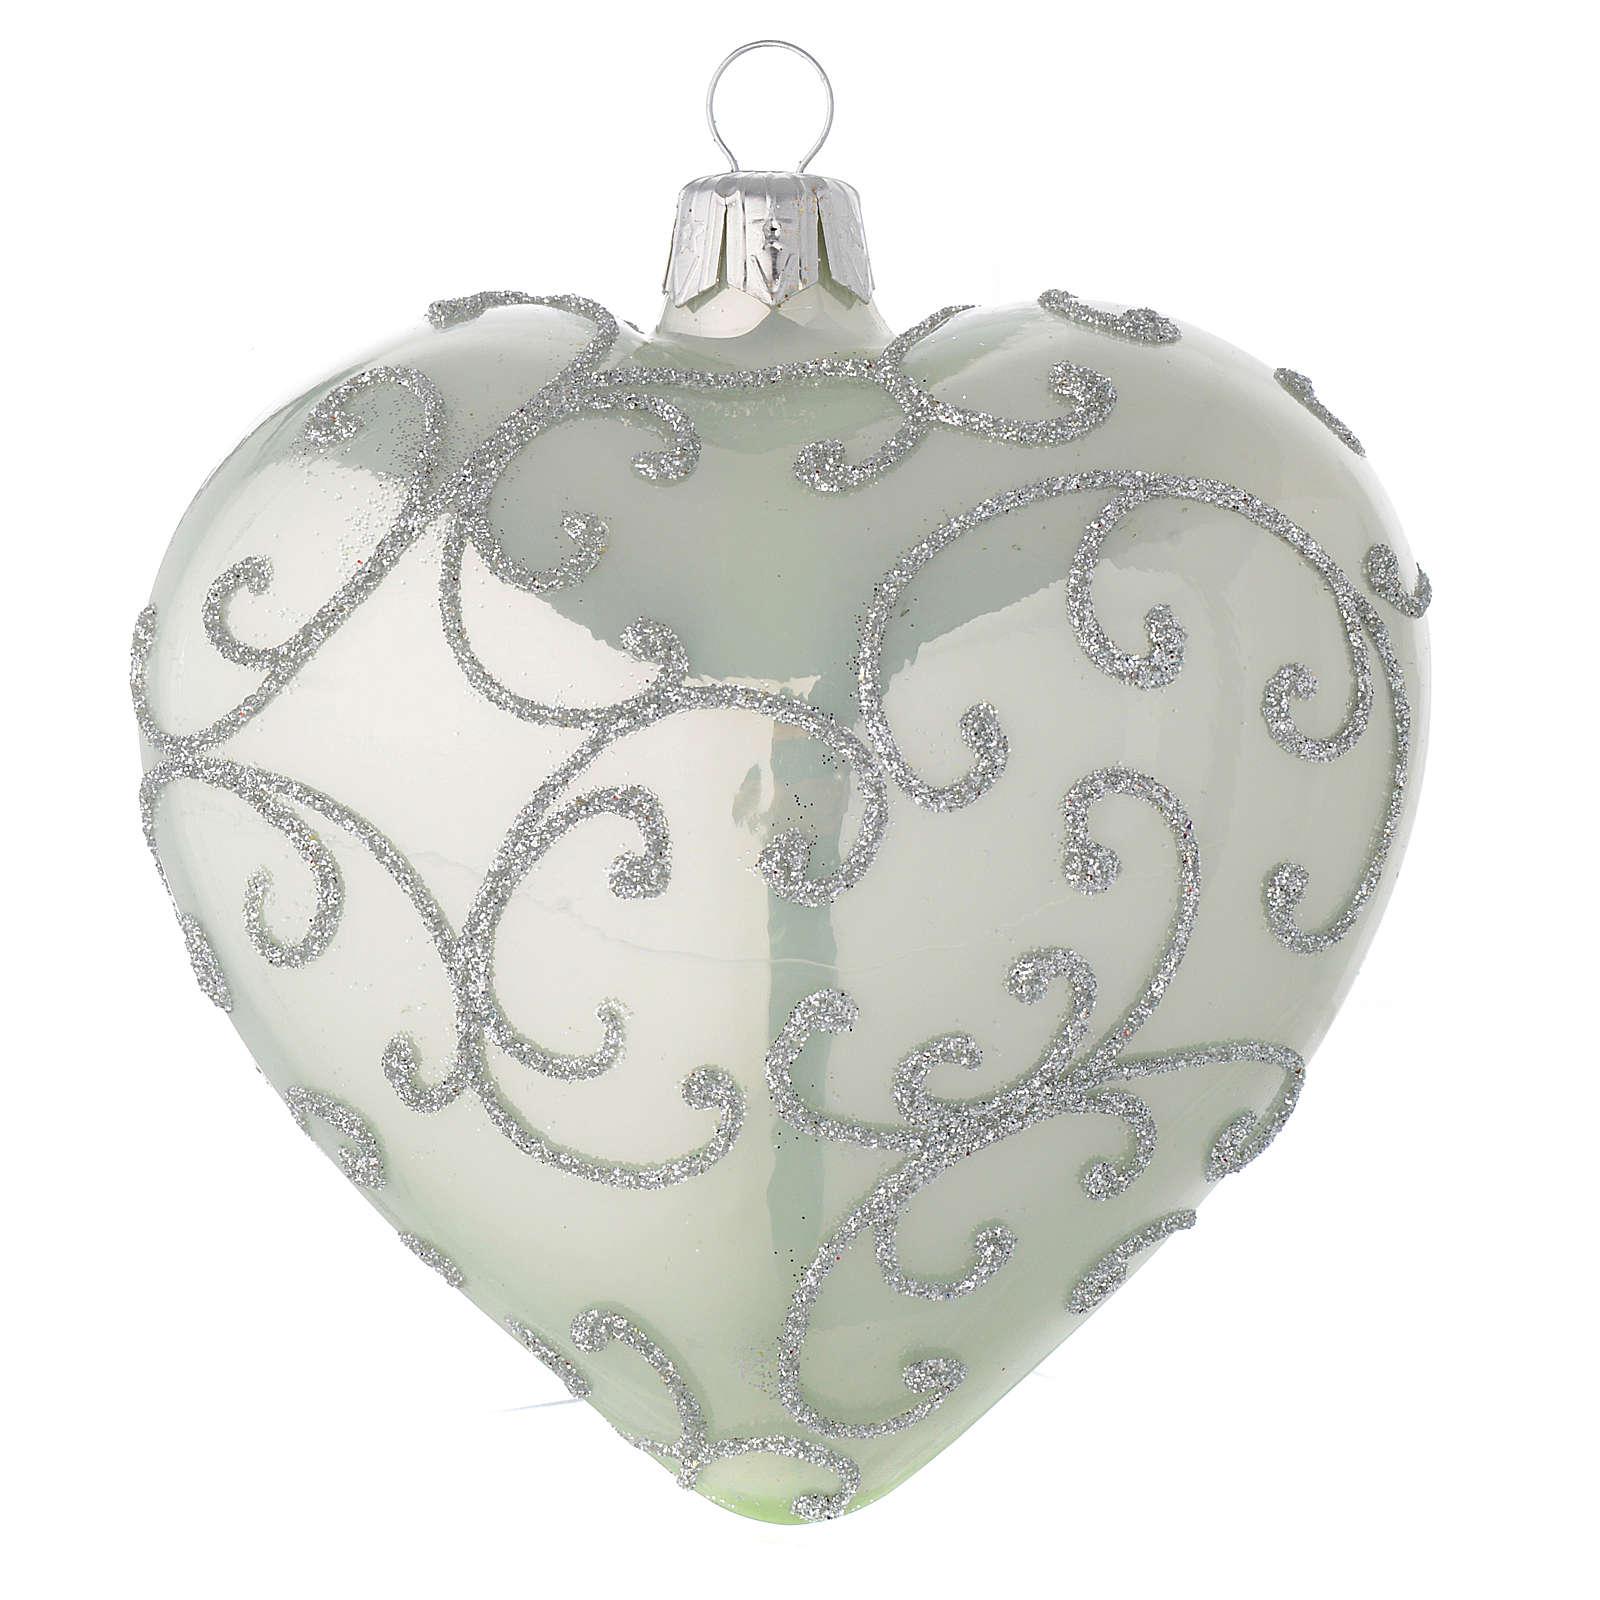 Bombka bożonarodzeniowa w kształcie serca szkło zielone i srebrne 100mm 4